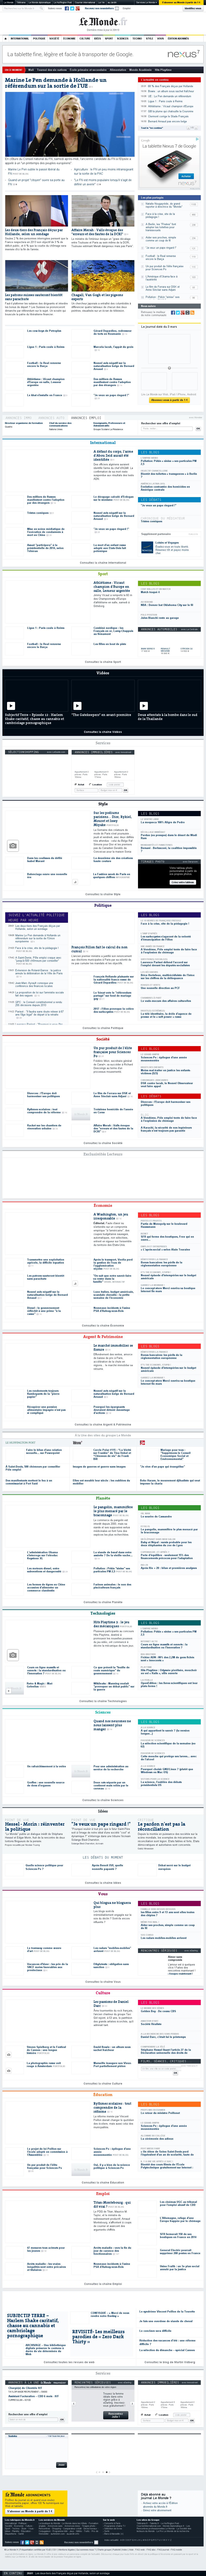 Le Monde at Saturday March 2, 2013, 7:12 p.m. UTC